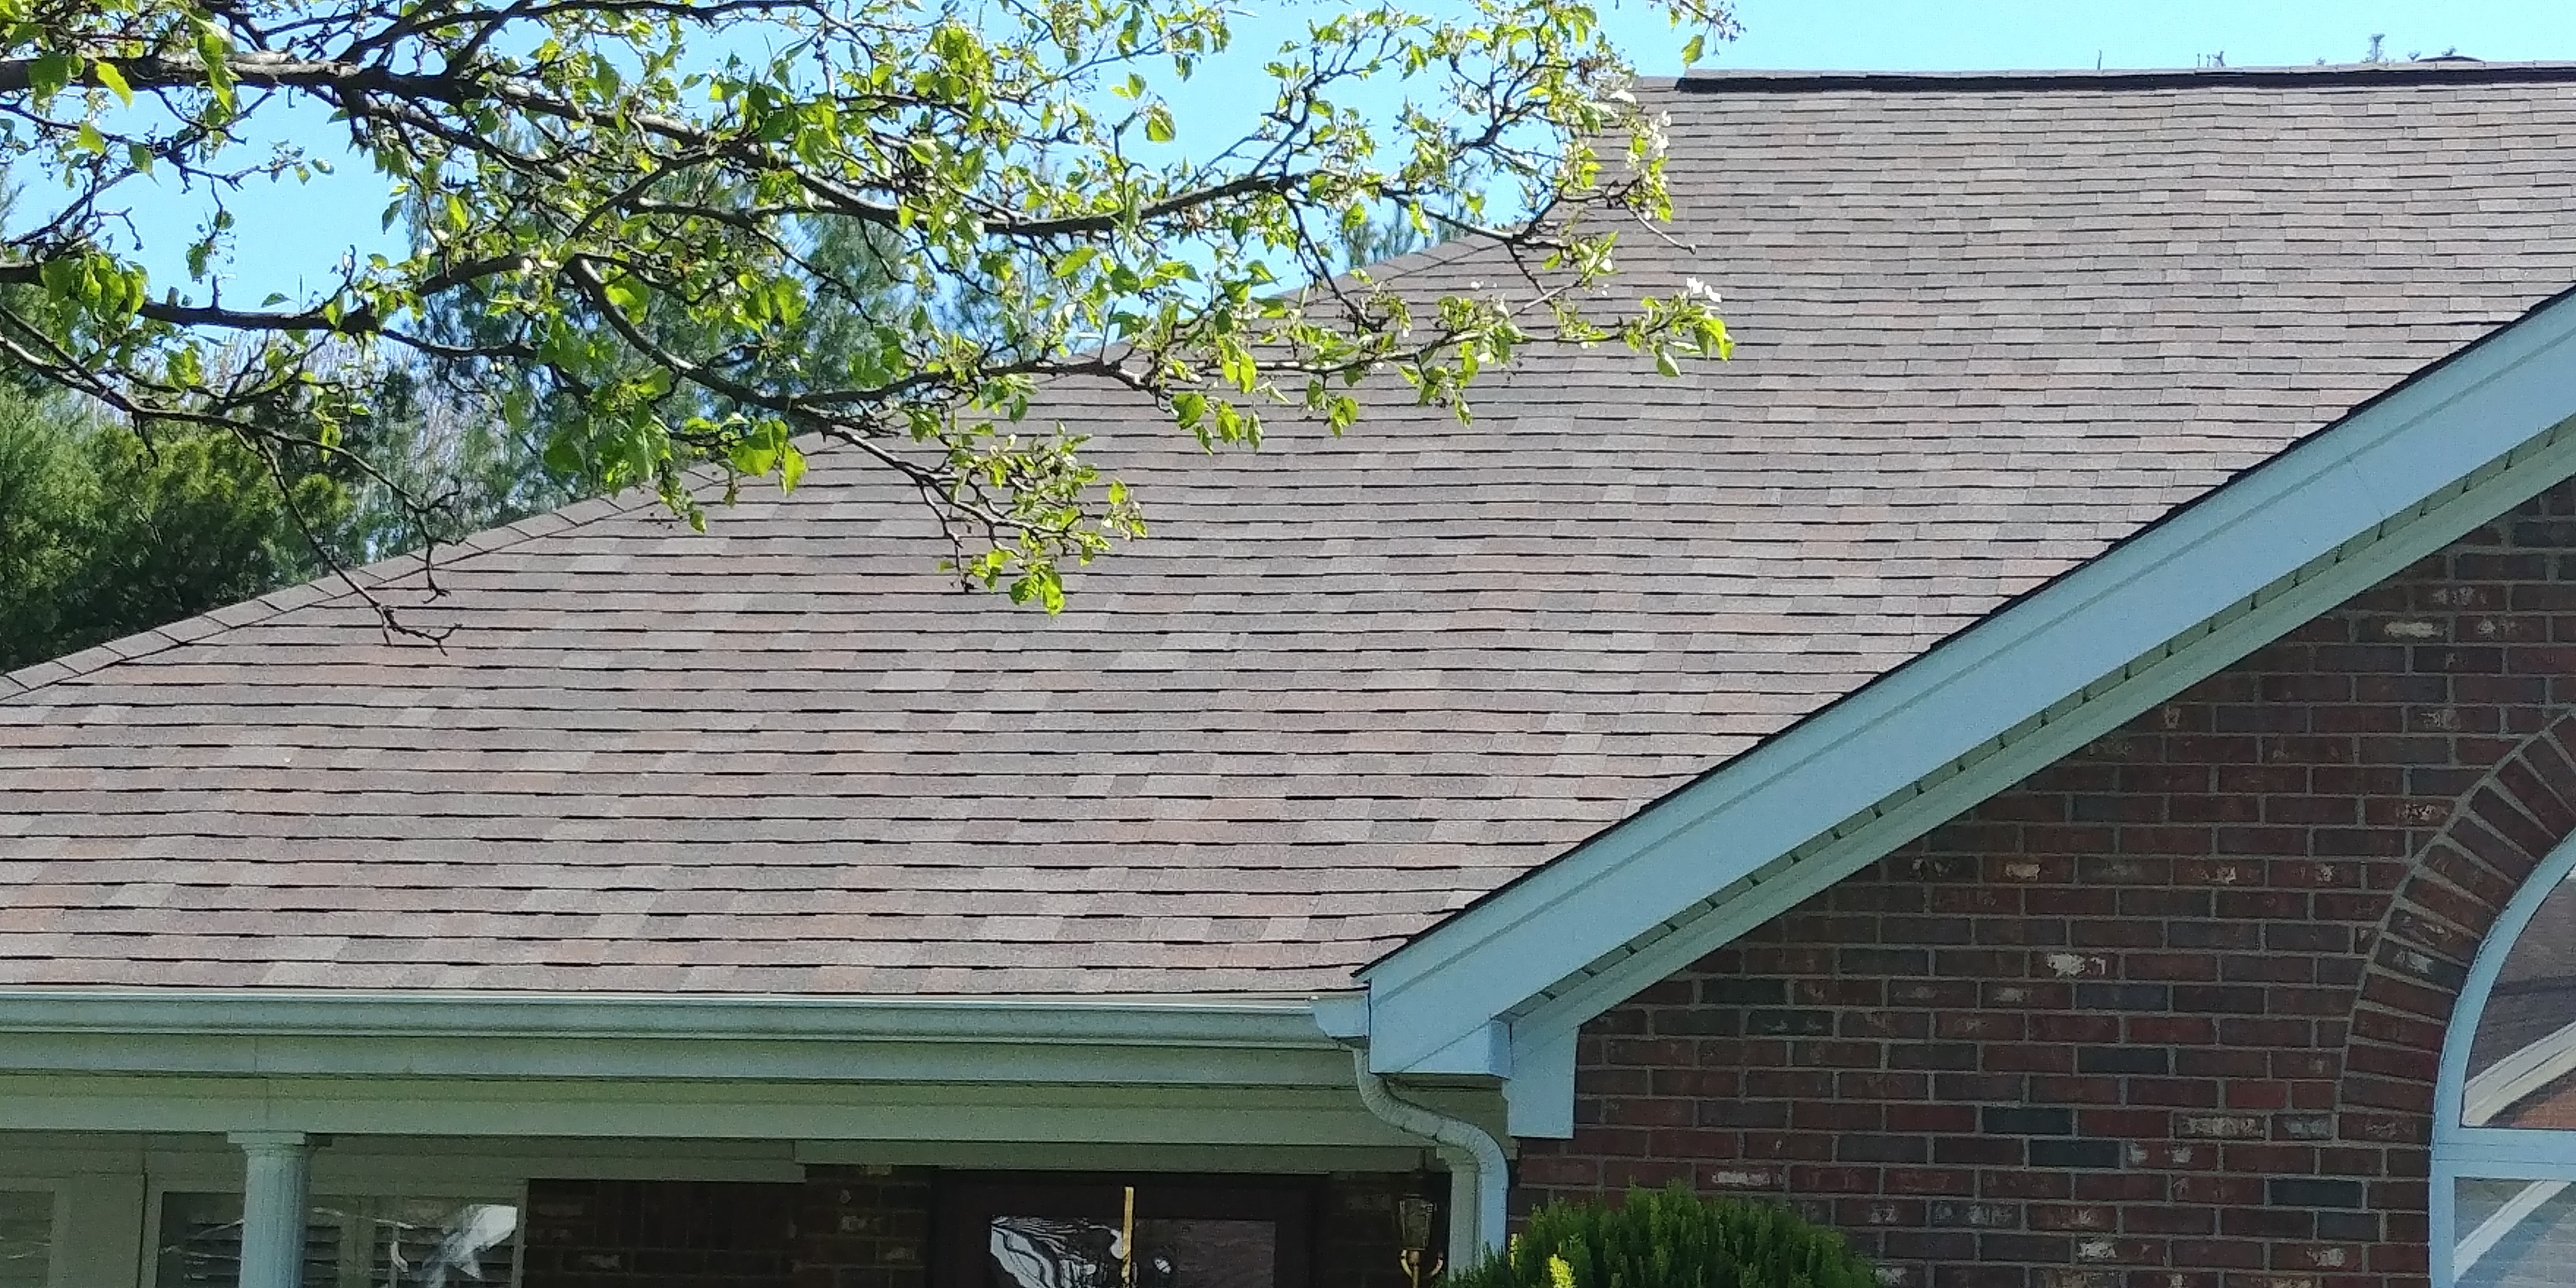 Kentuckiana Roofing